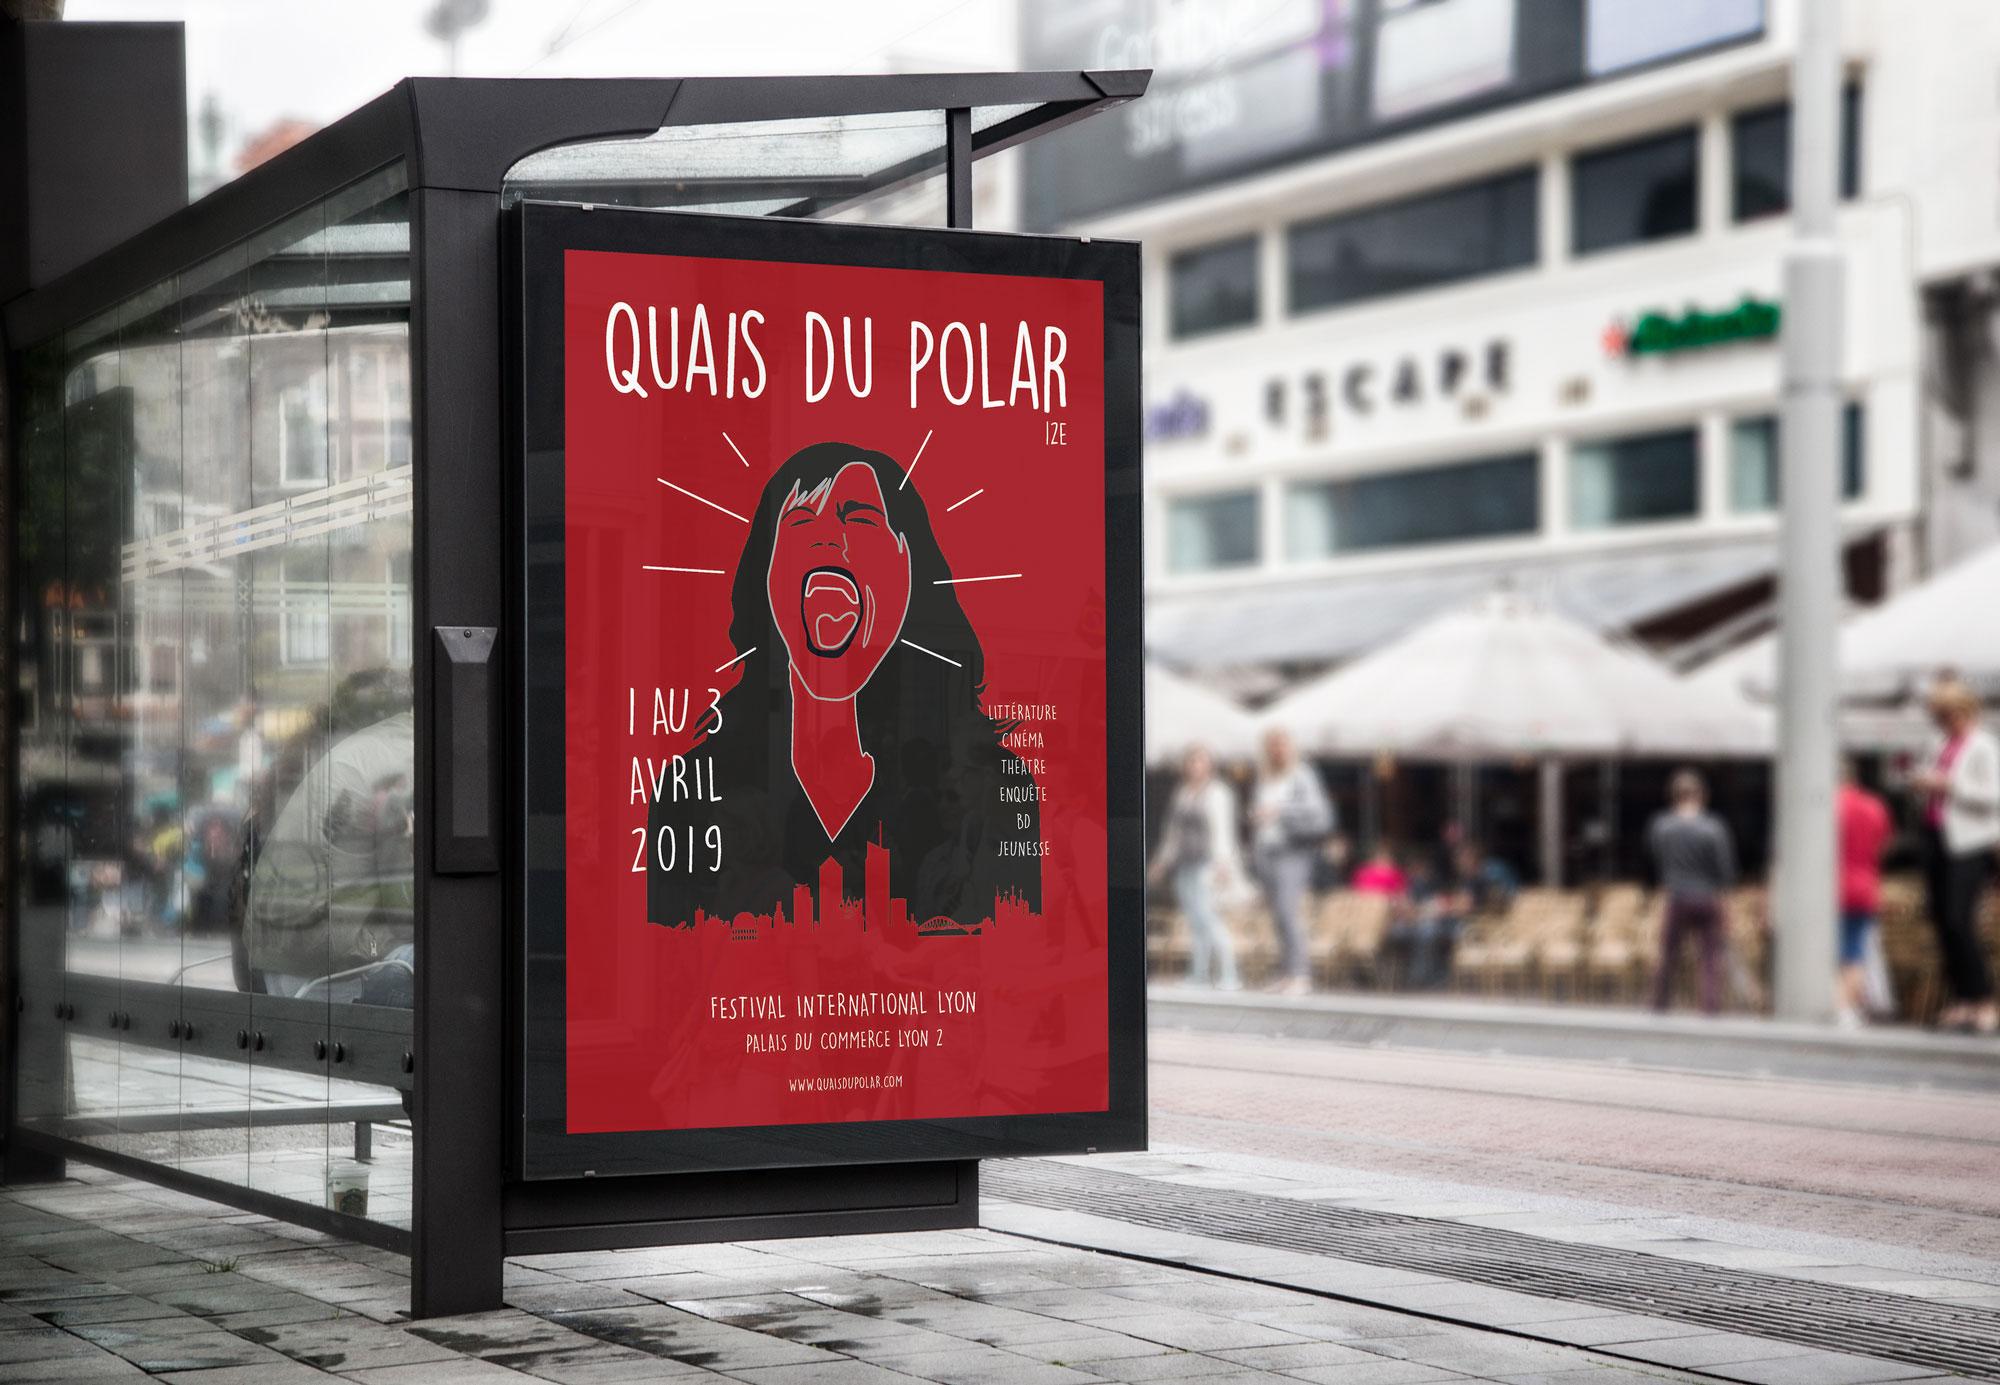 station affiche Quais du polar